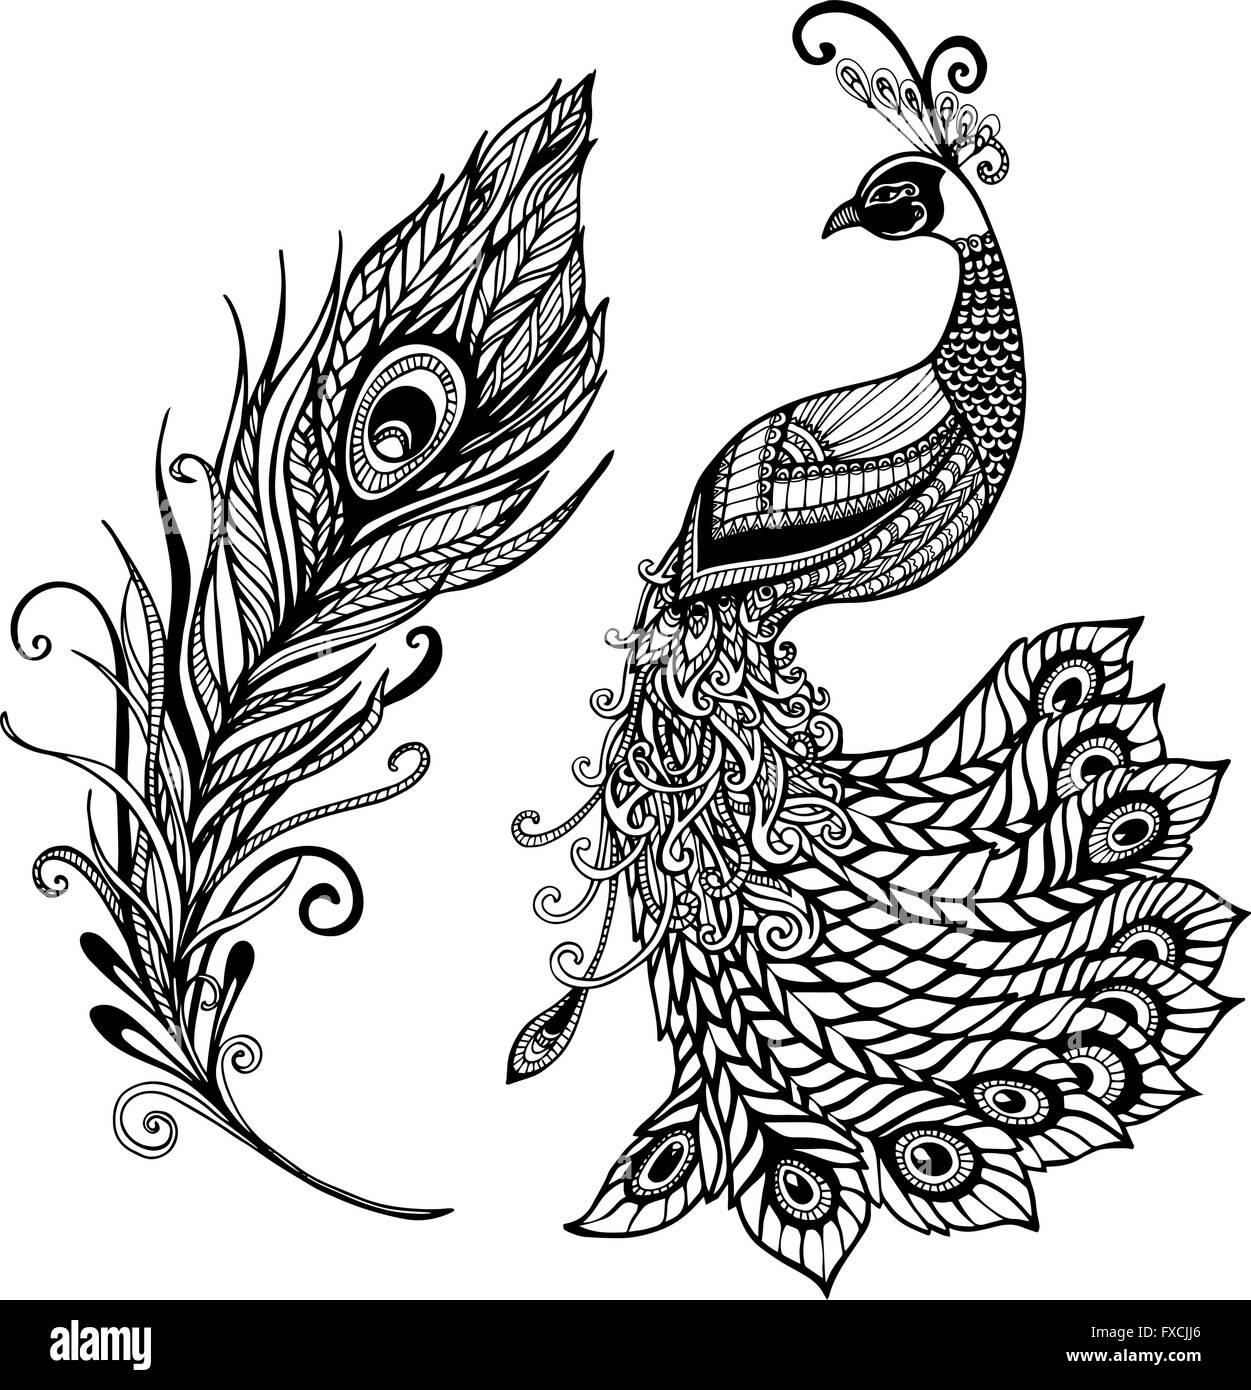 Conception De Plume De Paon Doodle Noir Imprimer Image Vectorielle Stock Alamy